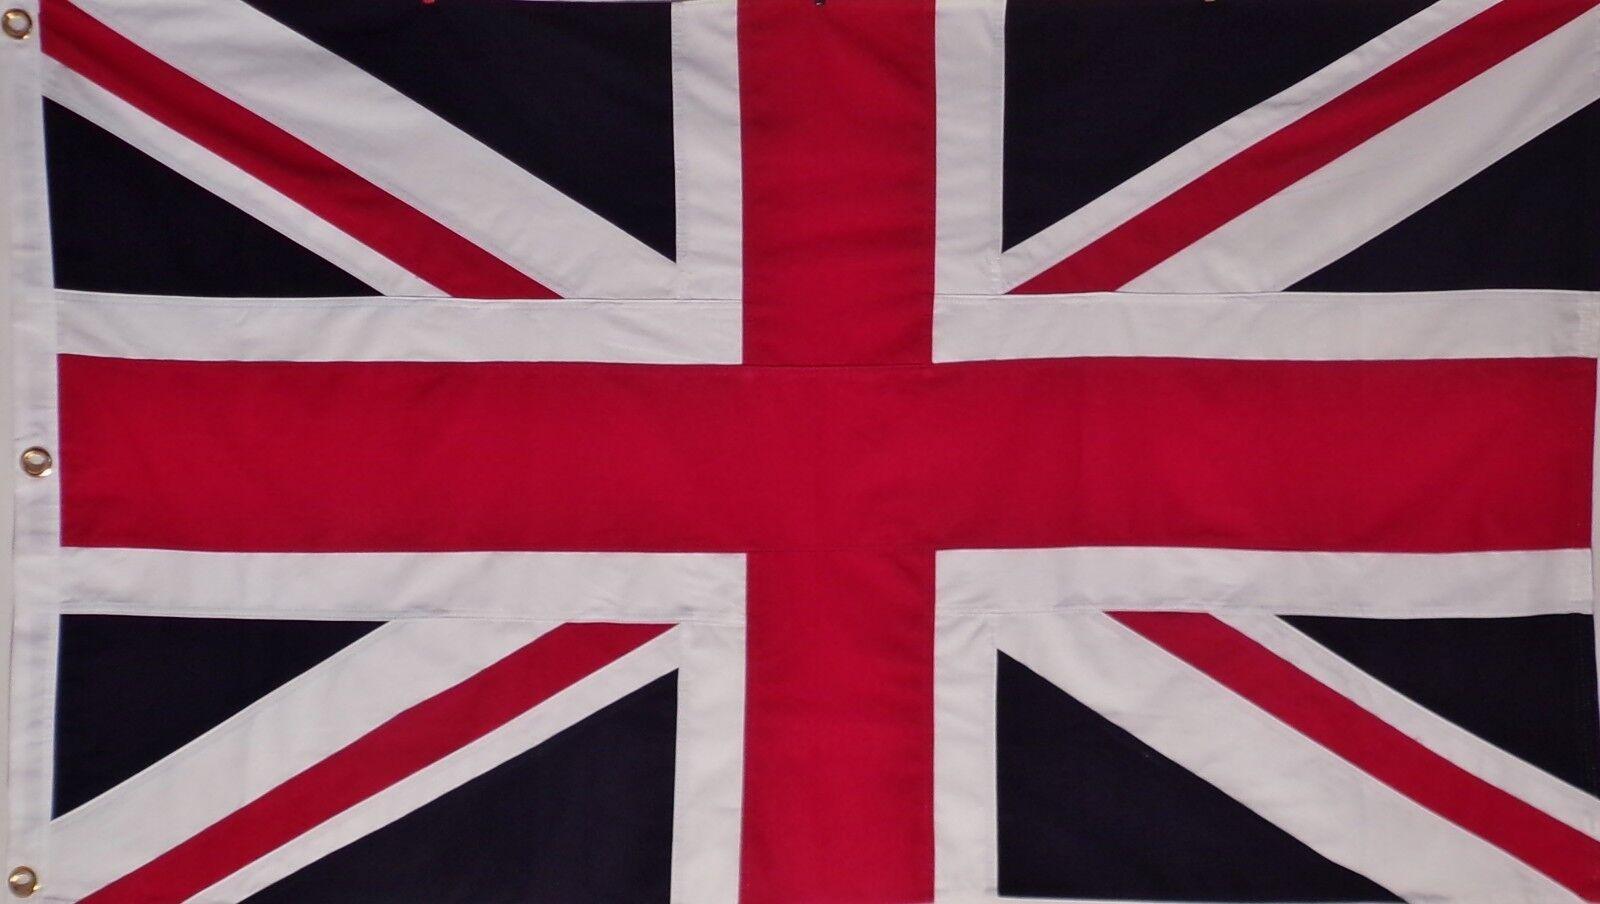 SEWN COTTON 3' X 5' ENGLAND UK FLAG - UNION JACK - ENGLISH -